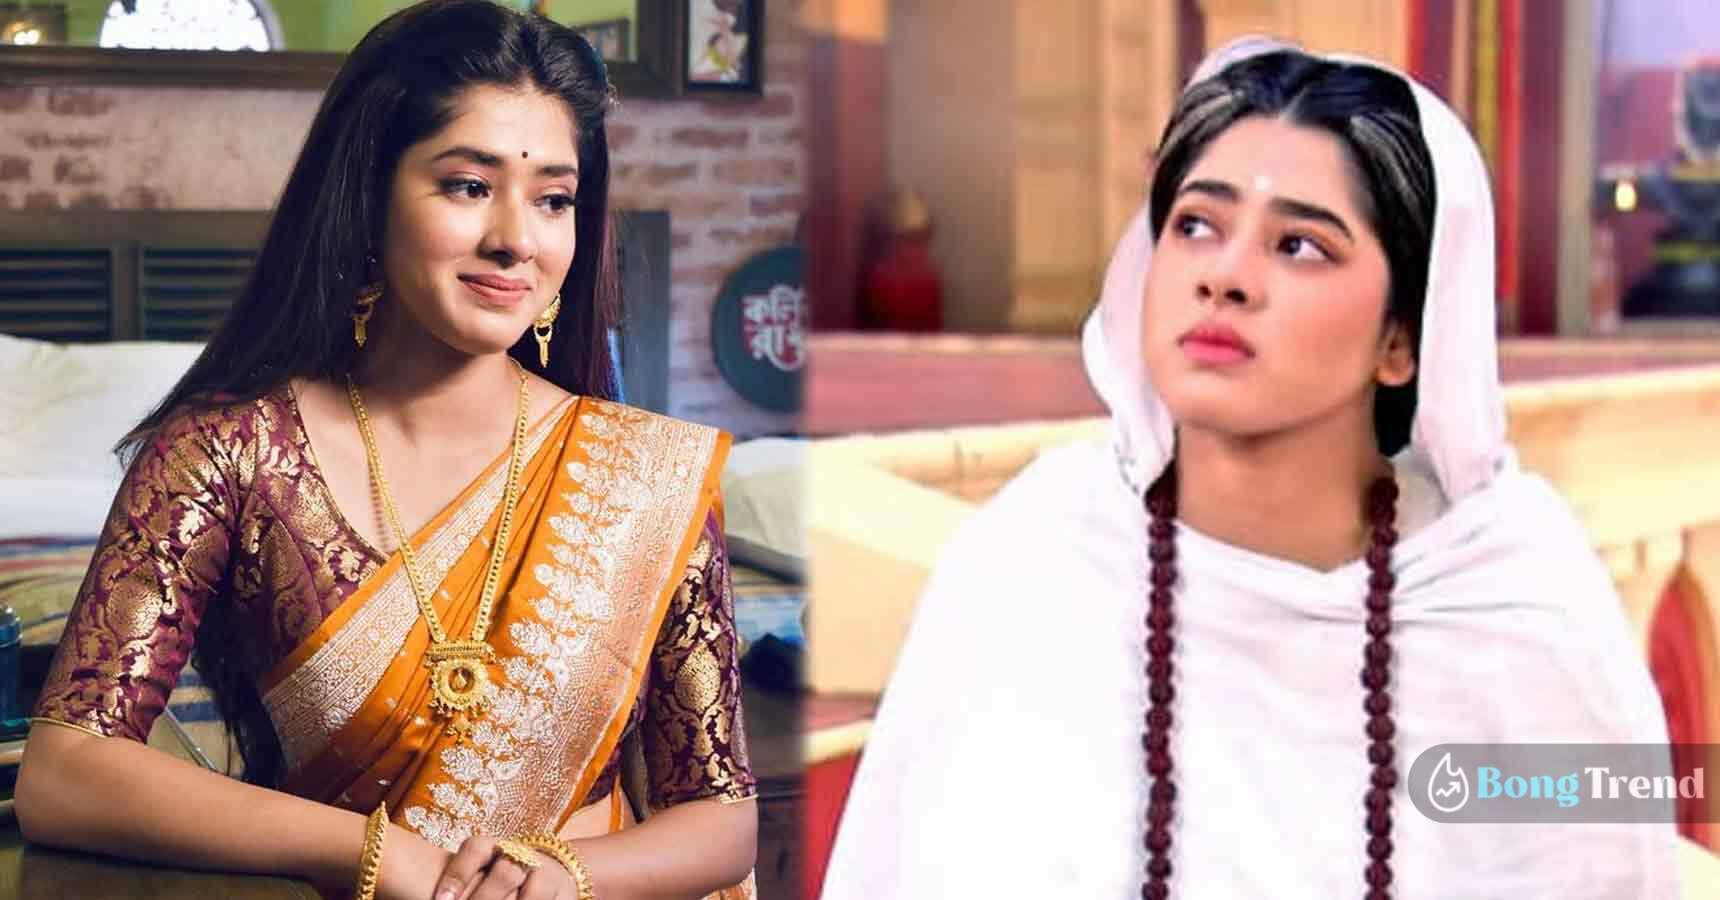 Rani Rashmoni Actress Ditipriya Replied